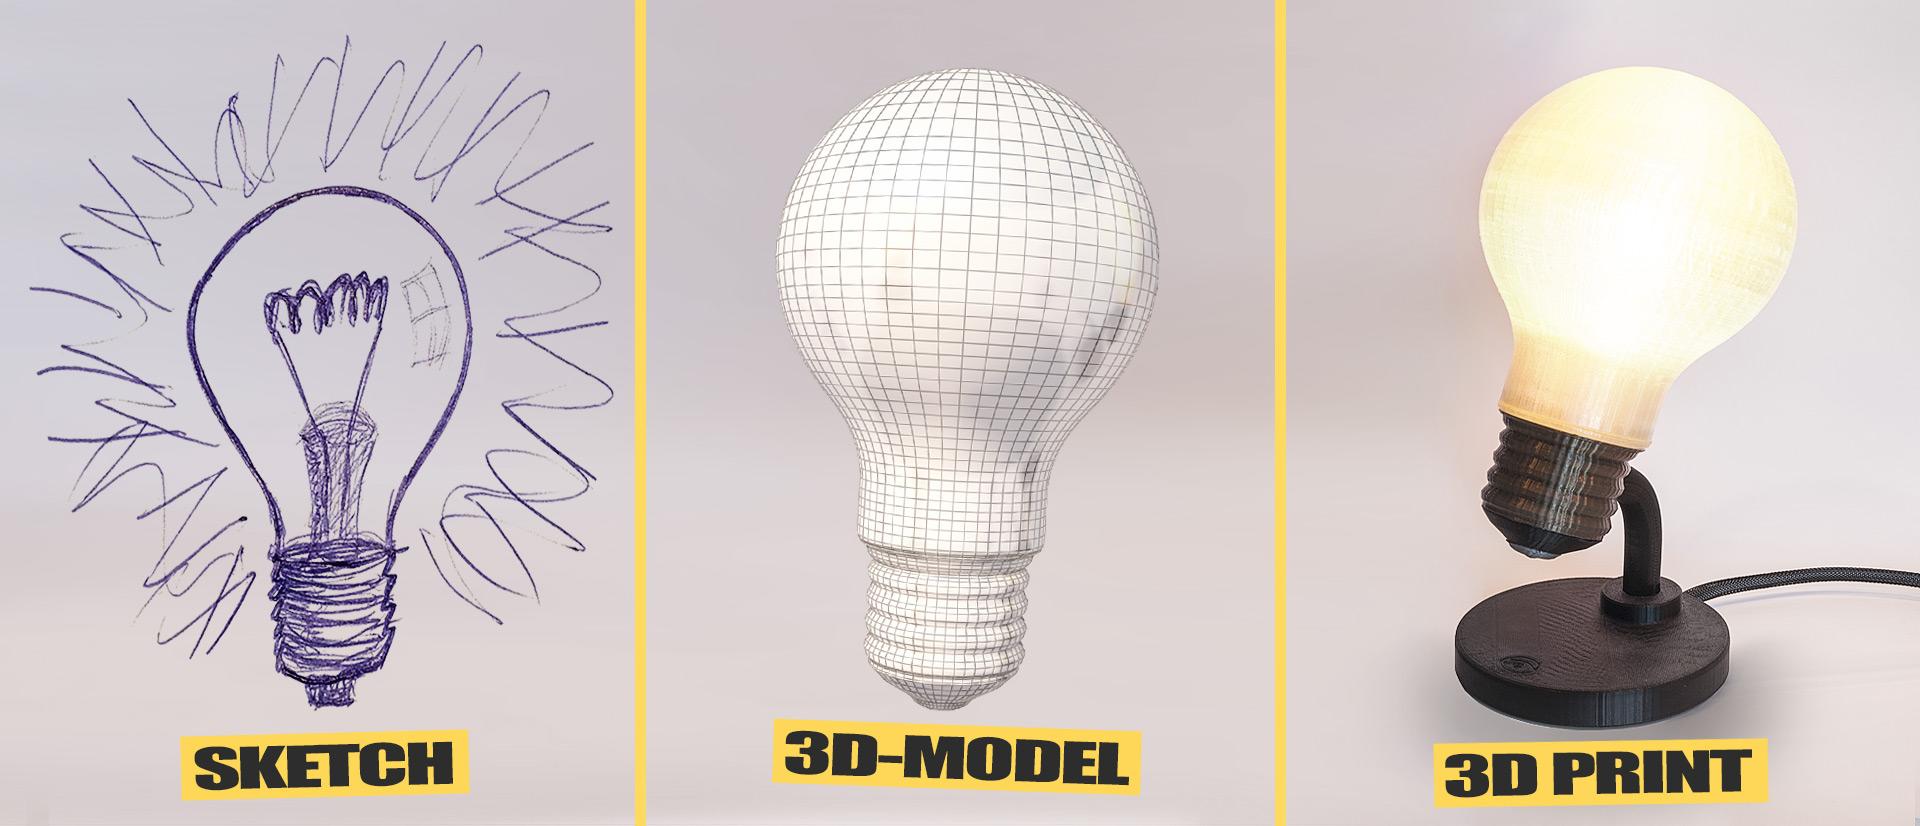 Justpressprint idea sketch 3d model 3d print